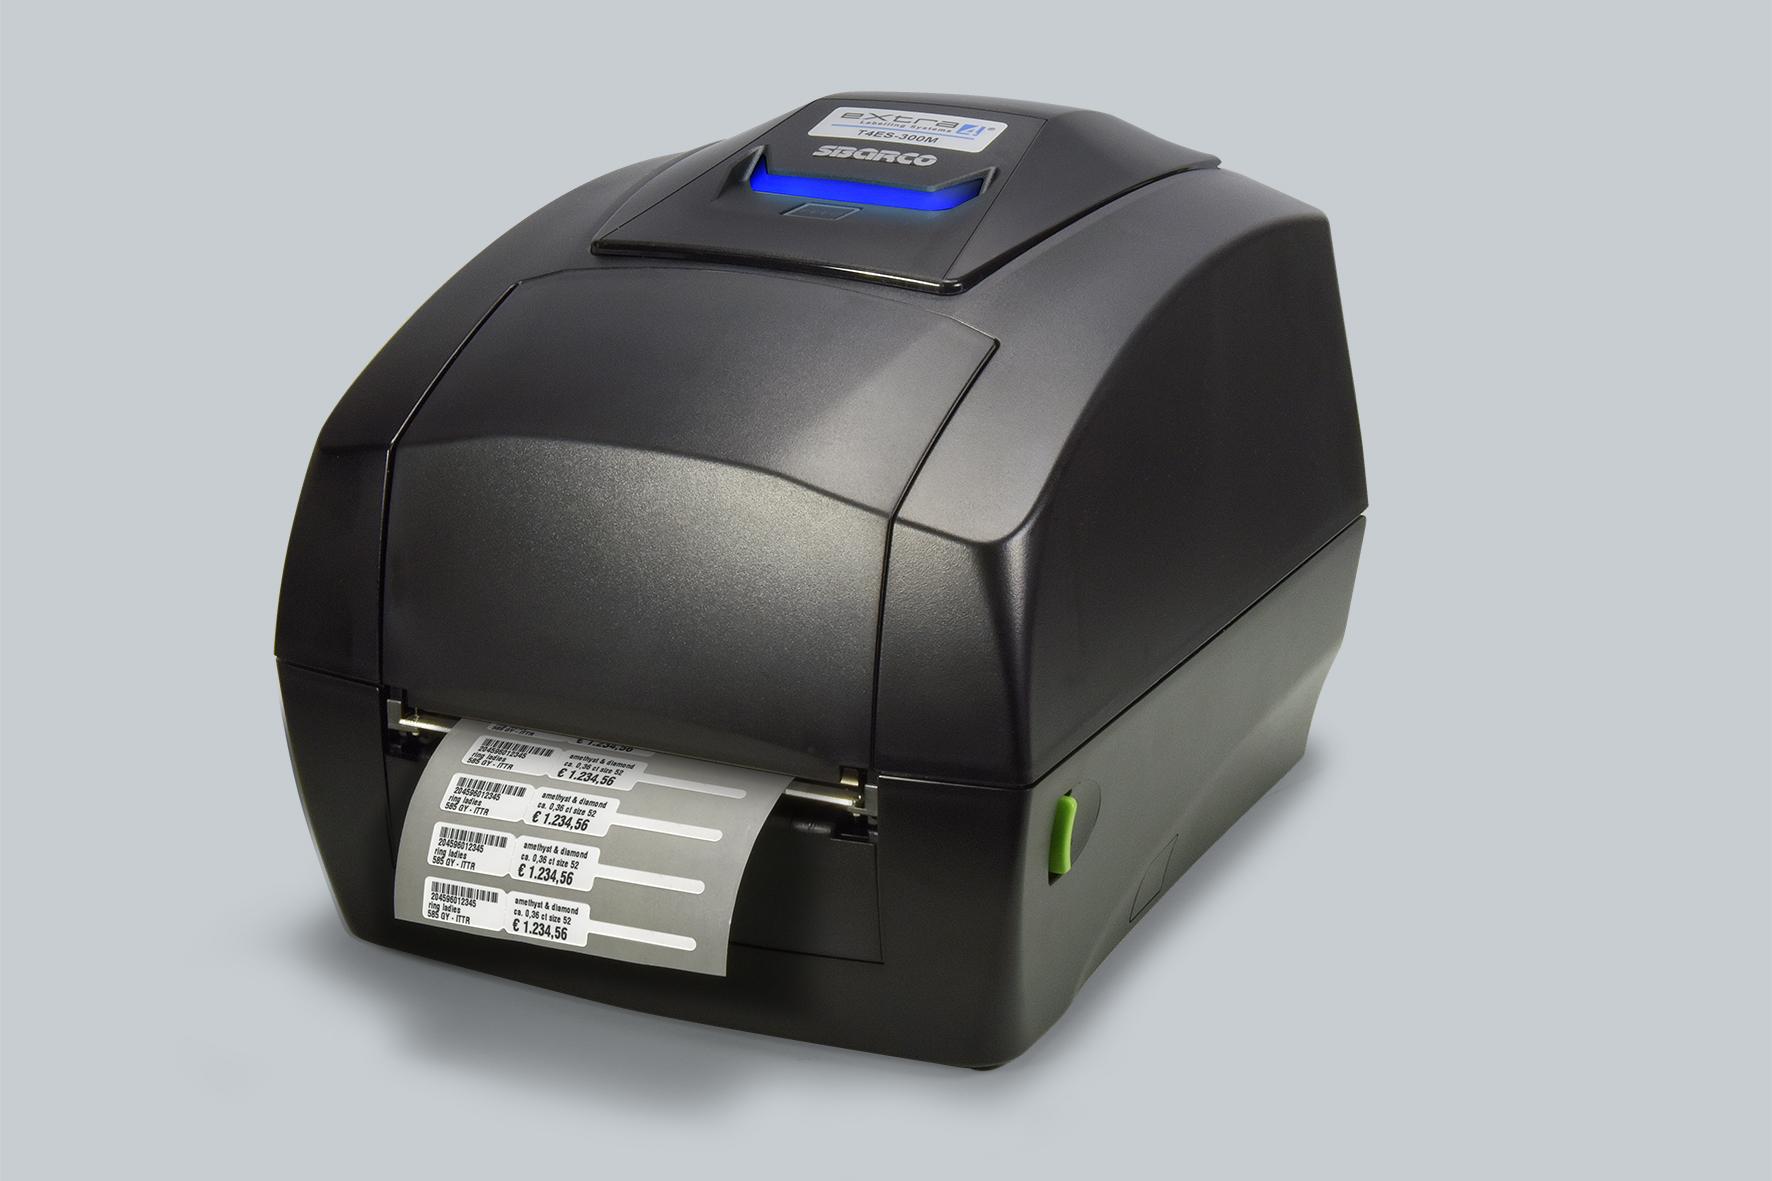 Nur bei eXtra4: für Juwlier-Etiketten modifizierter Thermotransfer-Drucker SBARCO T4ES-300M (300dpi)